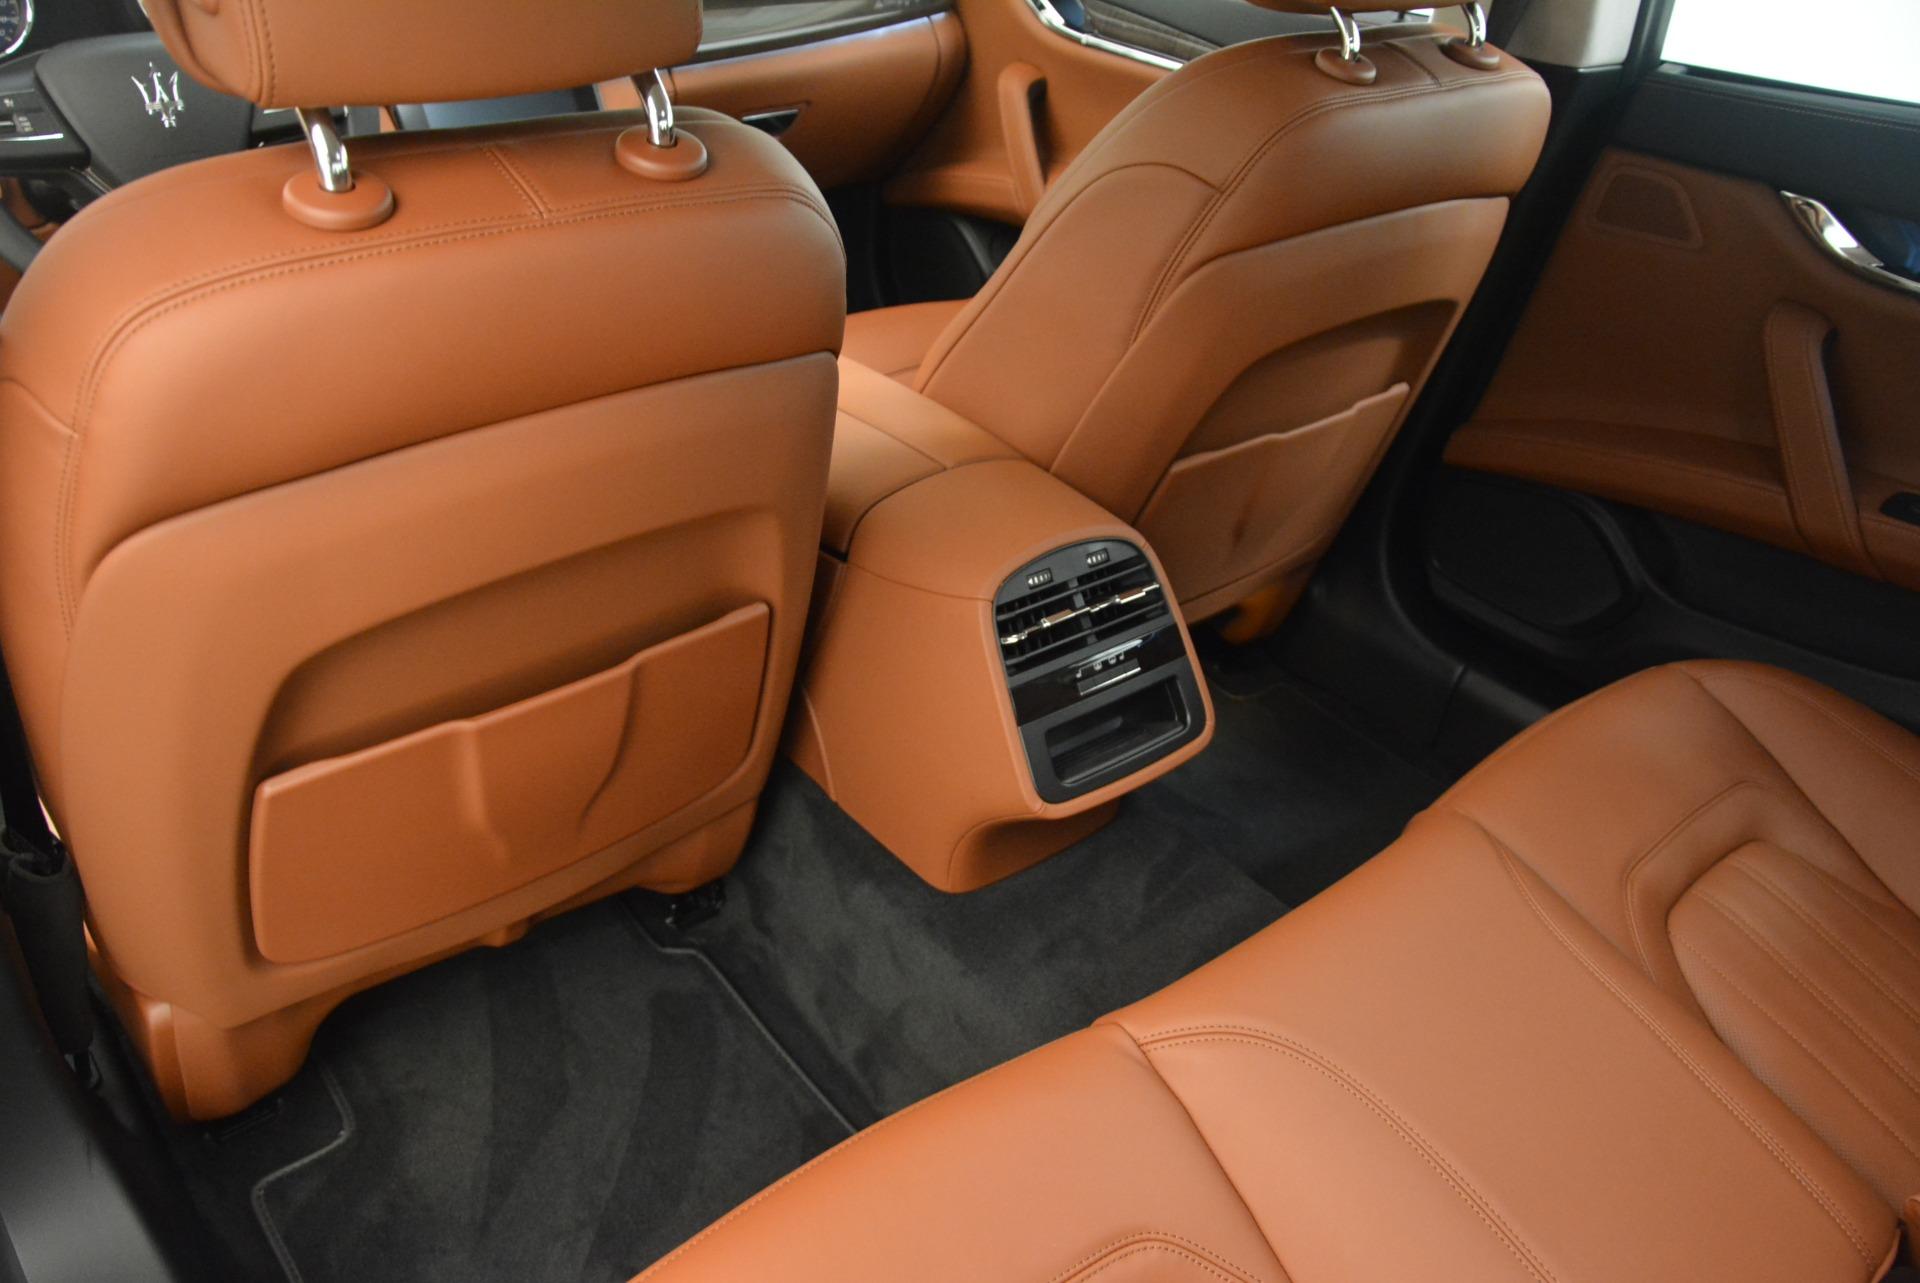 Used 2018 Maserati Quattroporte S Q4 GranLusso For Sale In Greenwich, CT 1572_p16